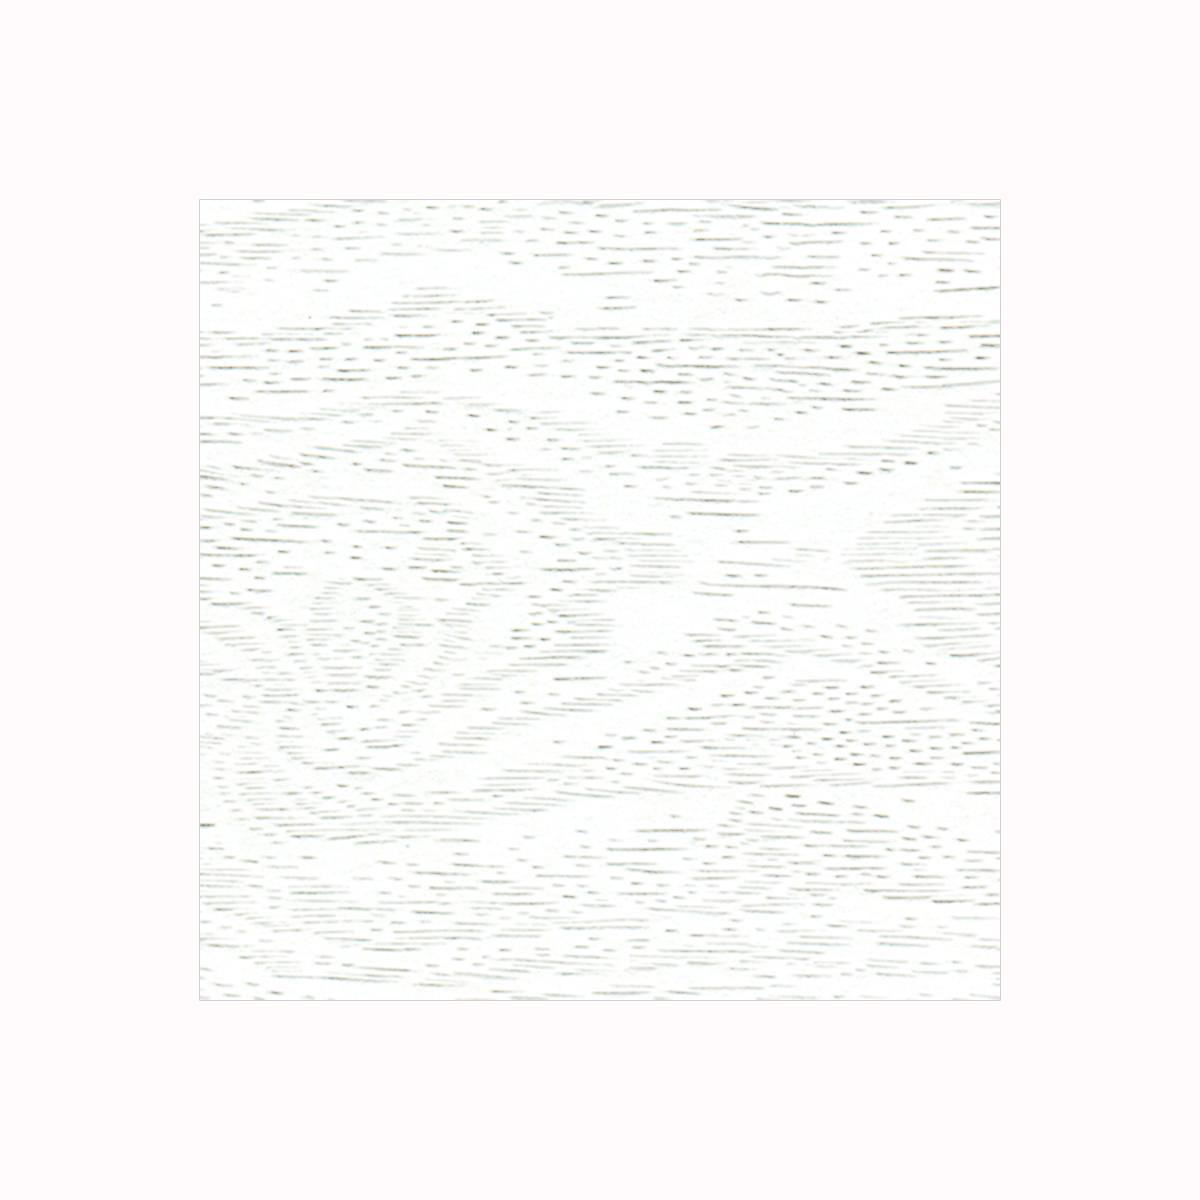 Бумага фактурная Лоза Дерево, цвет: белый, 3 листаZ-0307Фактурная бумага для скрапбукинга Лоза Дерево позволит создать красивый альбом, фоторамку или открытку ручной работы, оформить подарок или аппликацию. Набор включает в себя 3 листа из плотной бумаги.Скрапбукинг - это хобби, которое способно приносить массу приятных эмоций не только человеку, который этим занимается, но и его близким, друзьям, родным. Это невероятно увлекательное занятие, которое поможет вам сохранить наиболее памятные и яркие моменты вашей жизни, а также интересно оформить интерьер дома. Плотность бумаги: 200 г/м2.